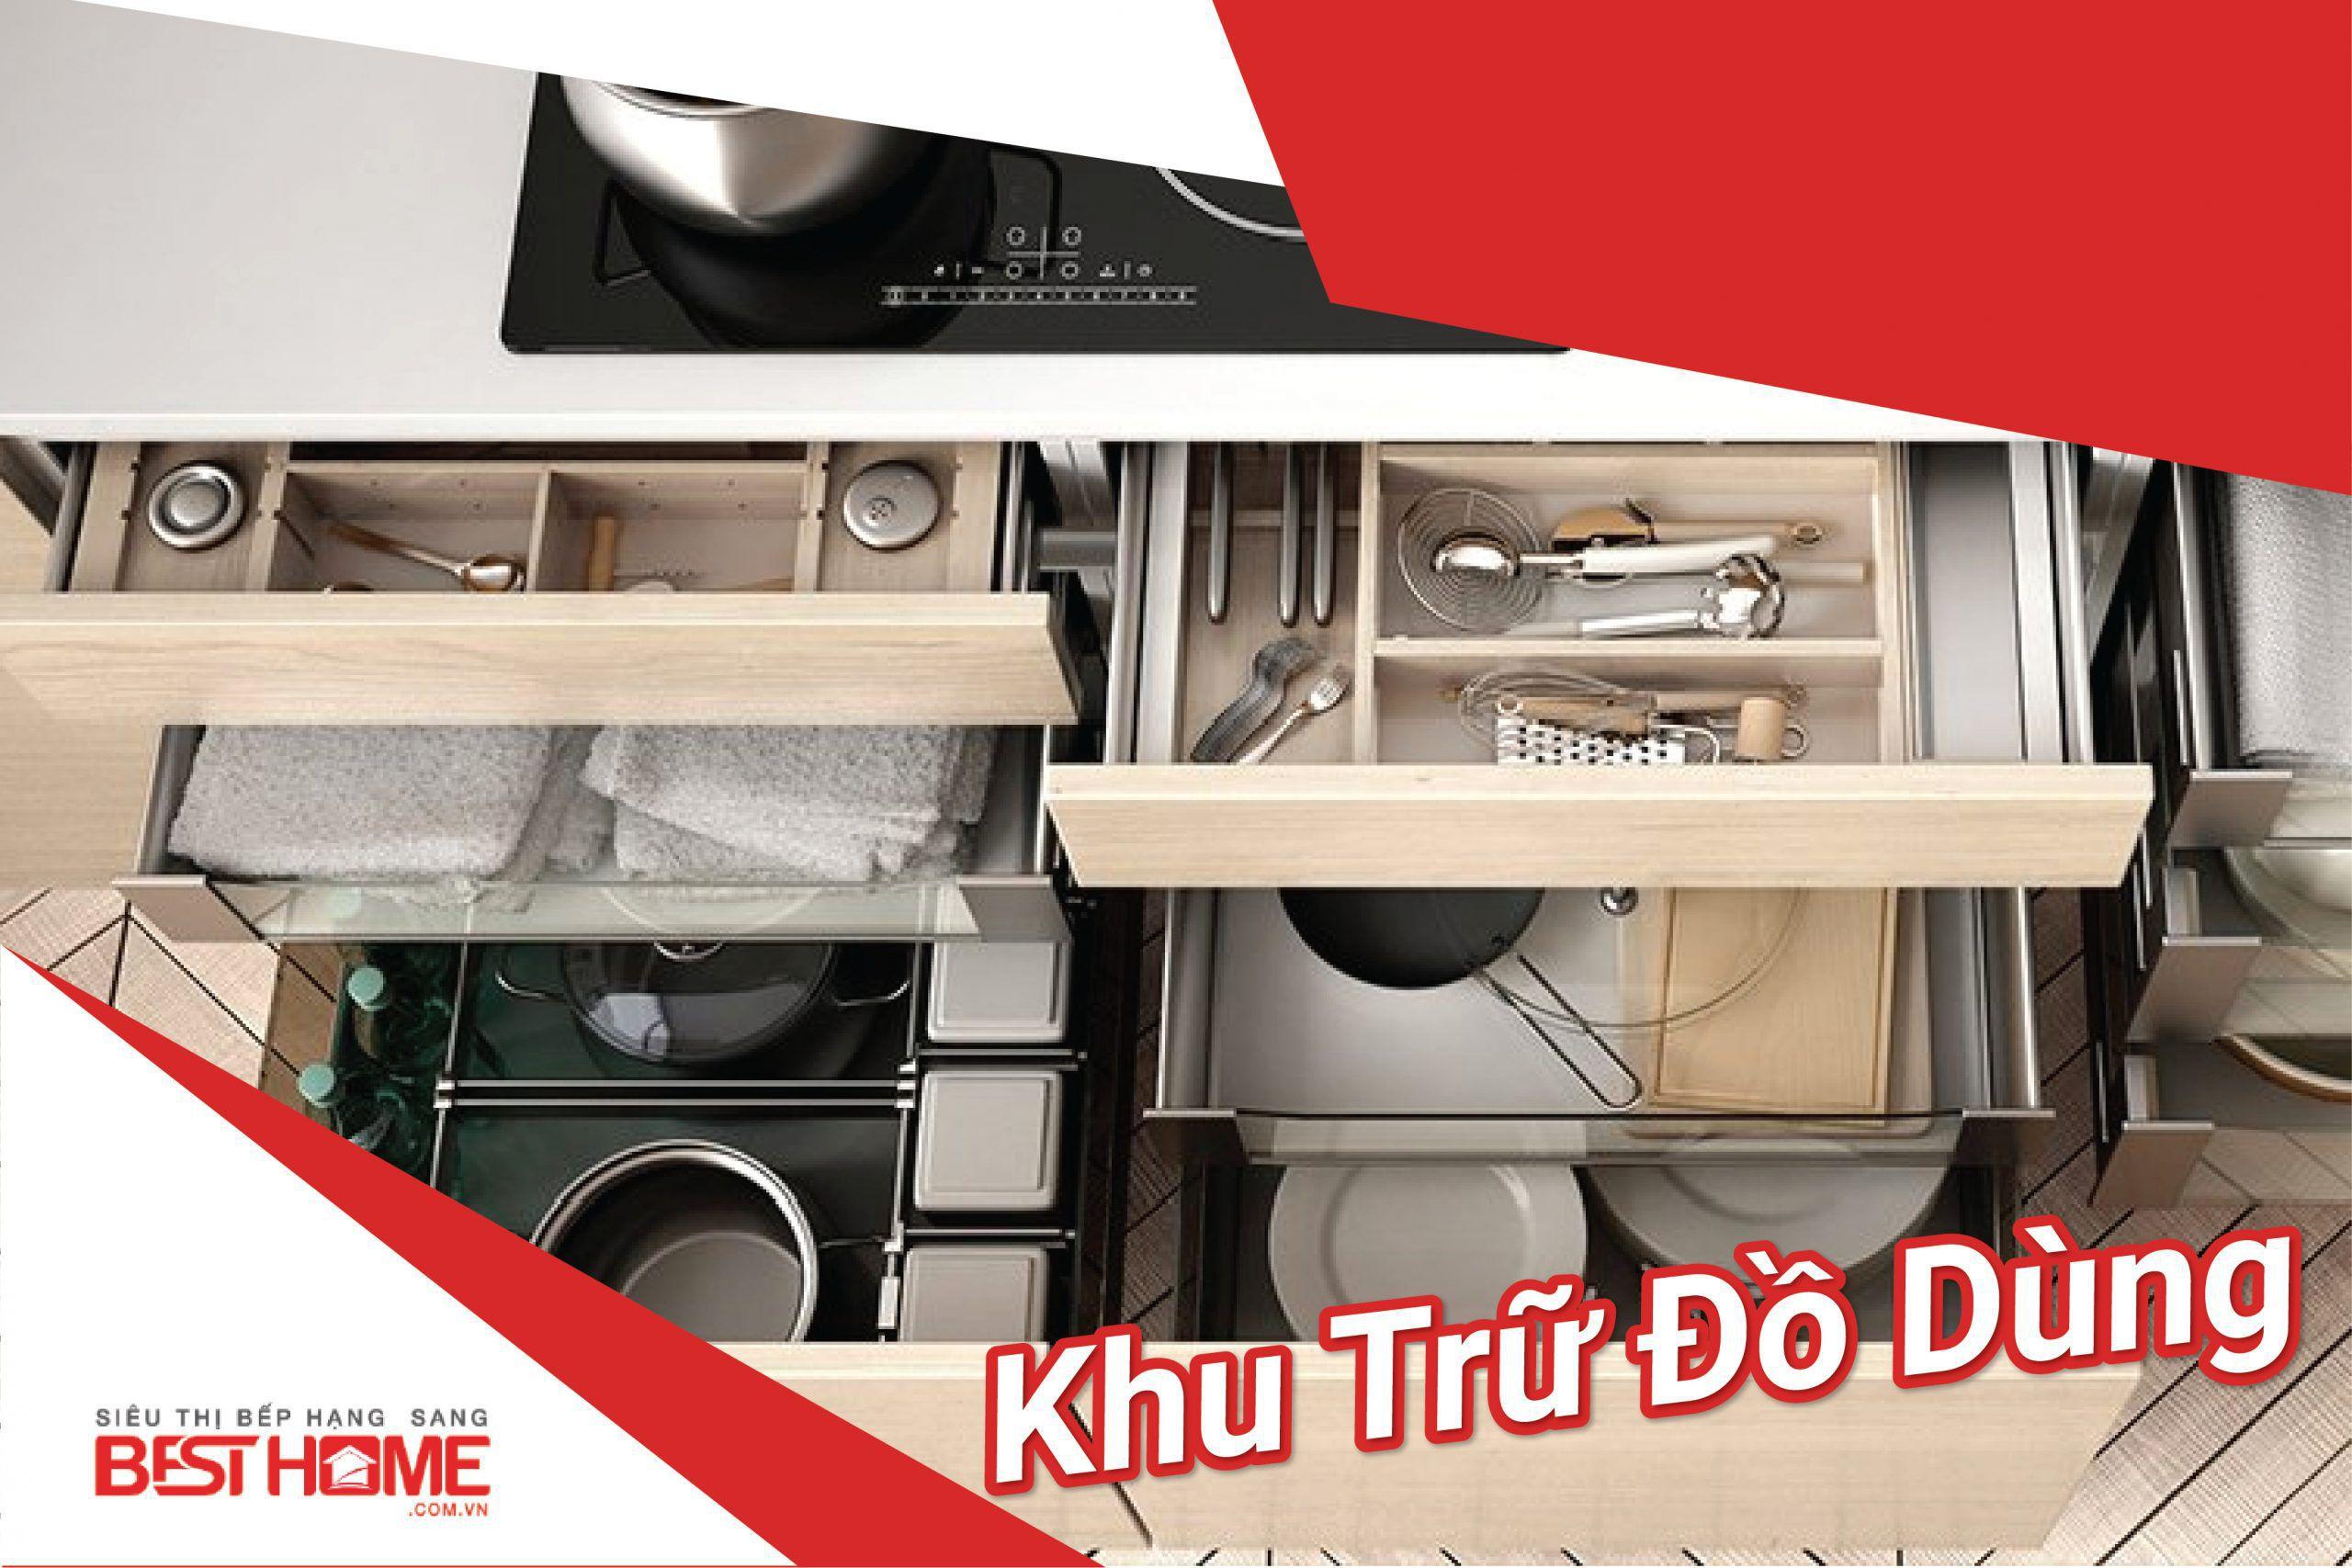 Thiết kế tủ bếp năng động hiện đại không thể thiếu KHU TRỮ ĐỒ DÙNG